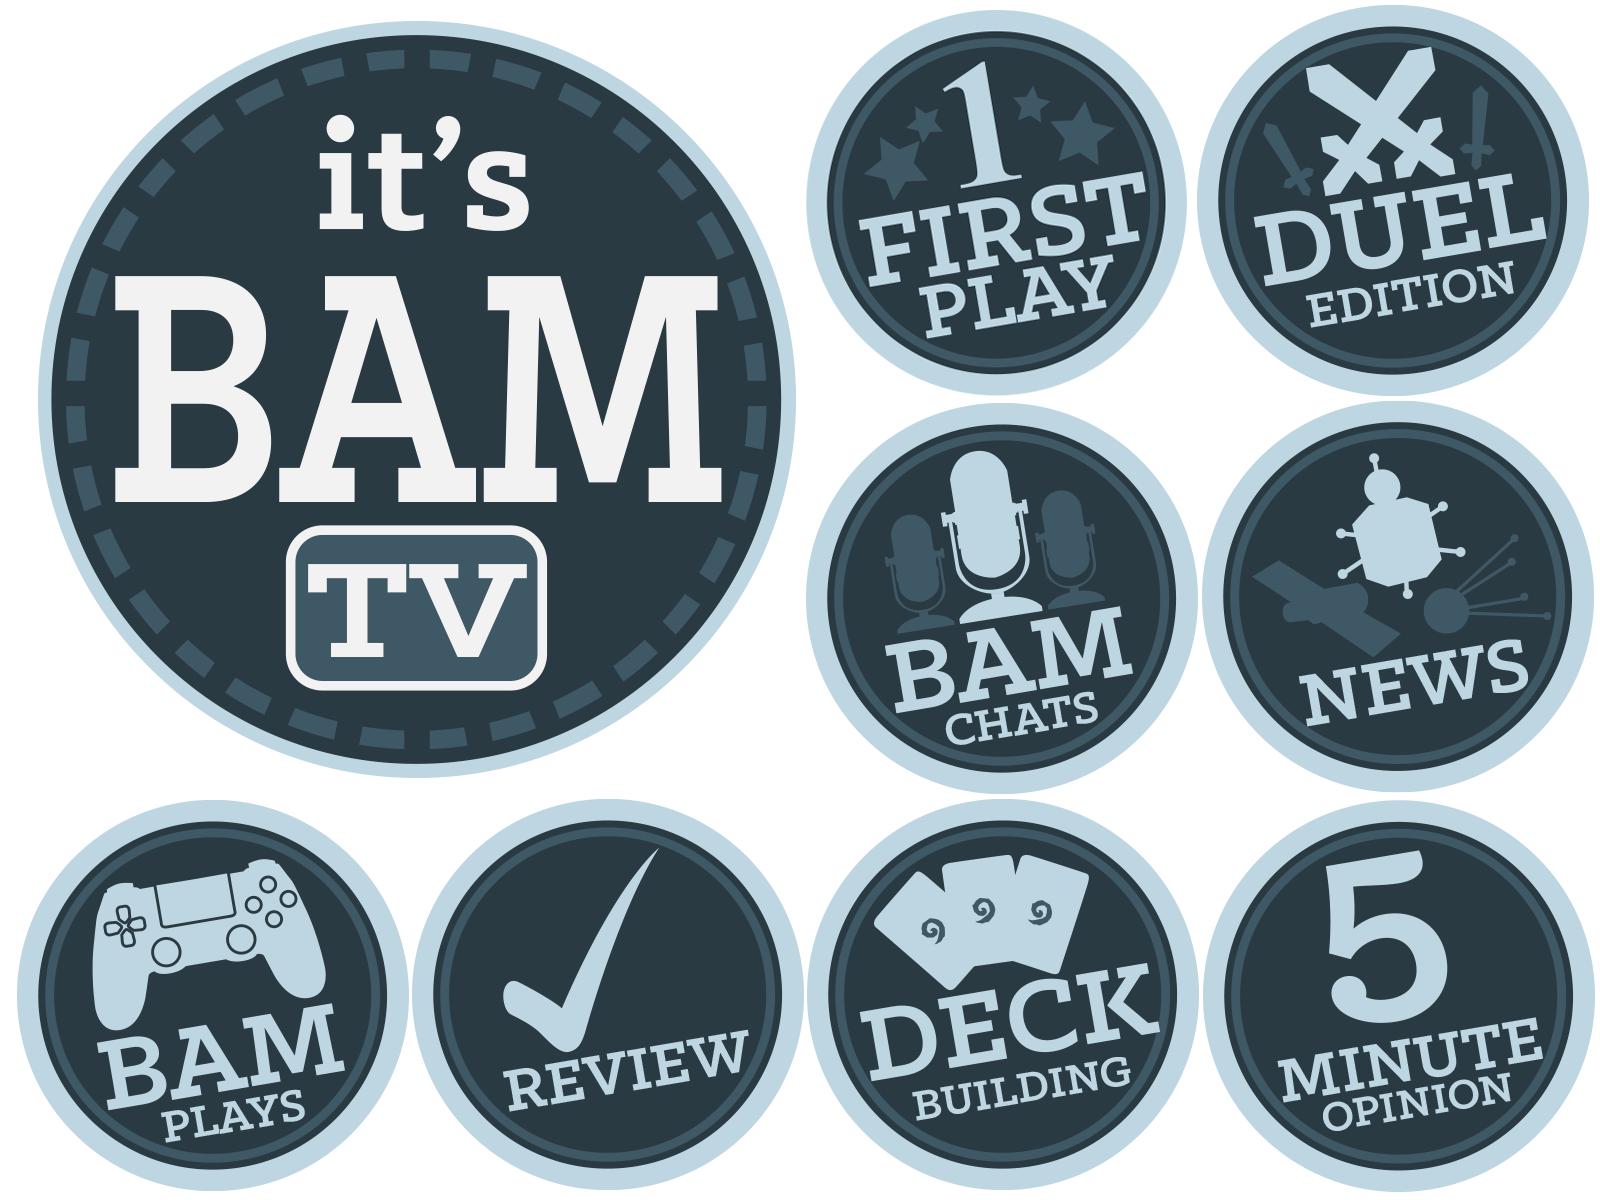 It's Bam TV